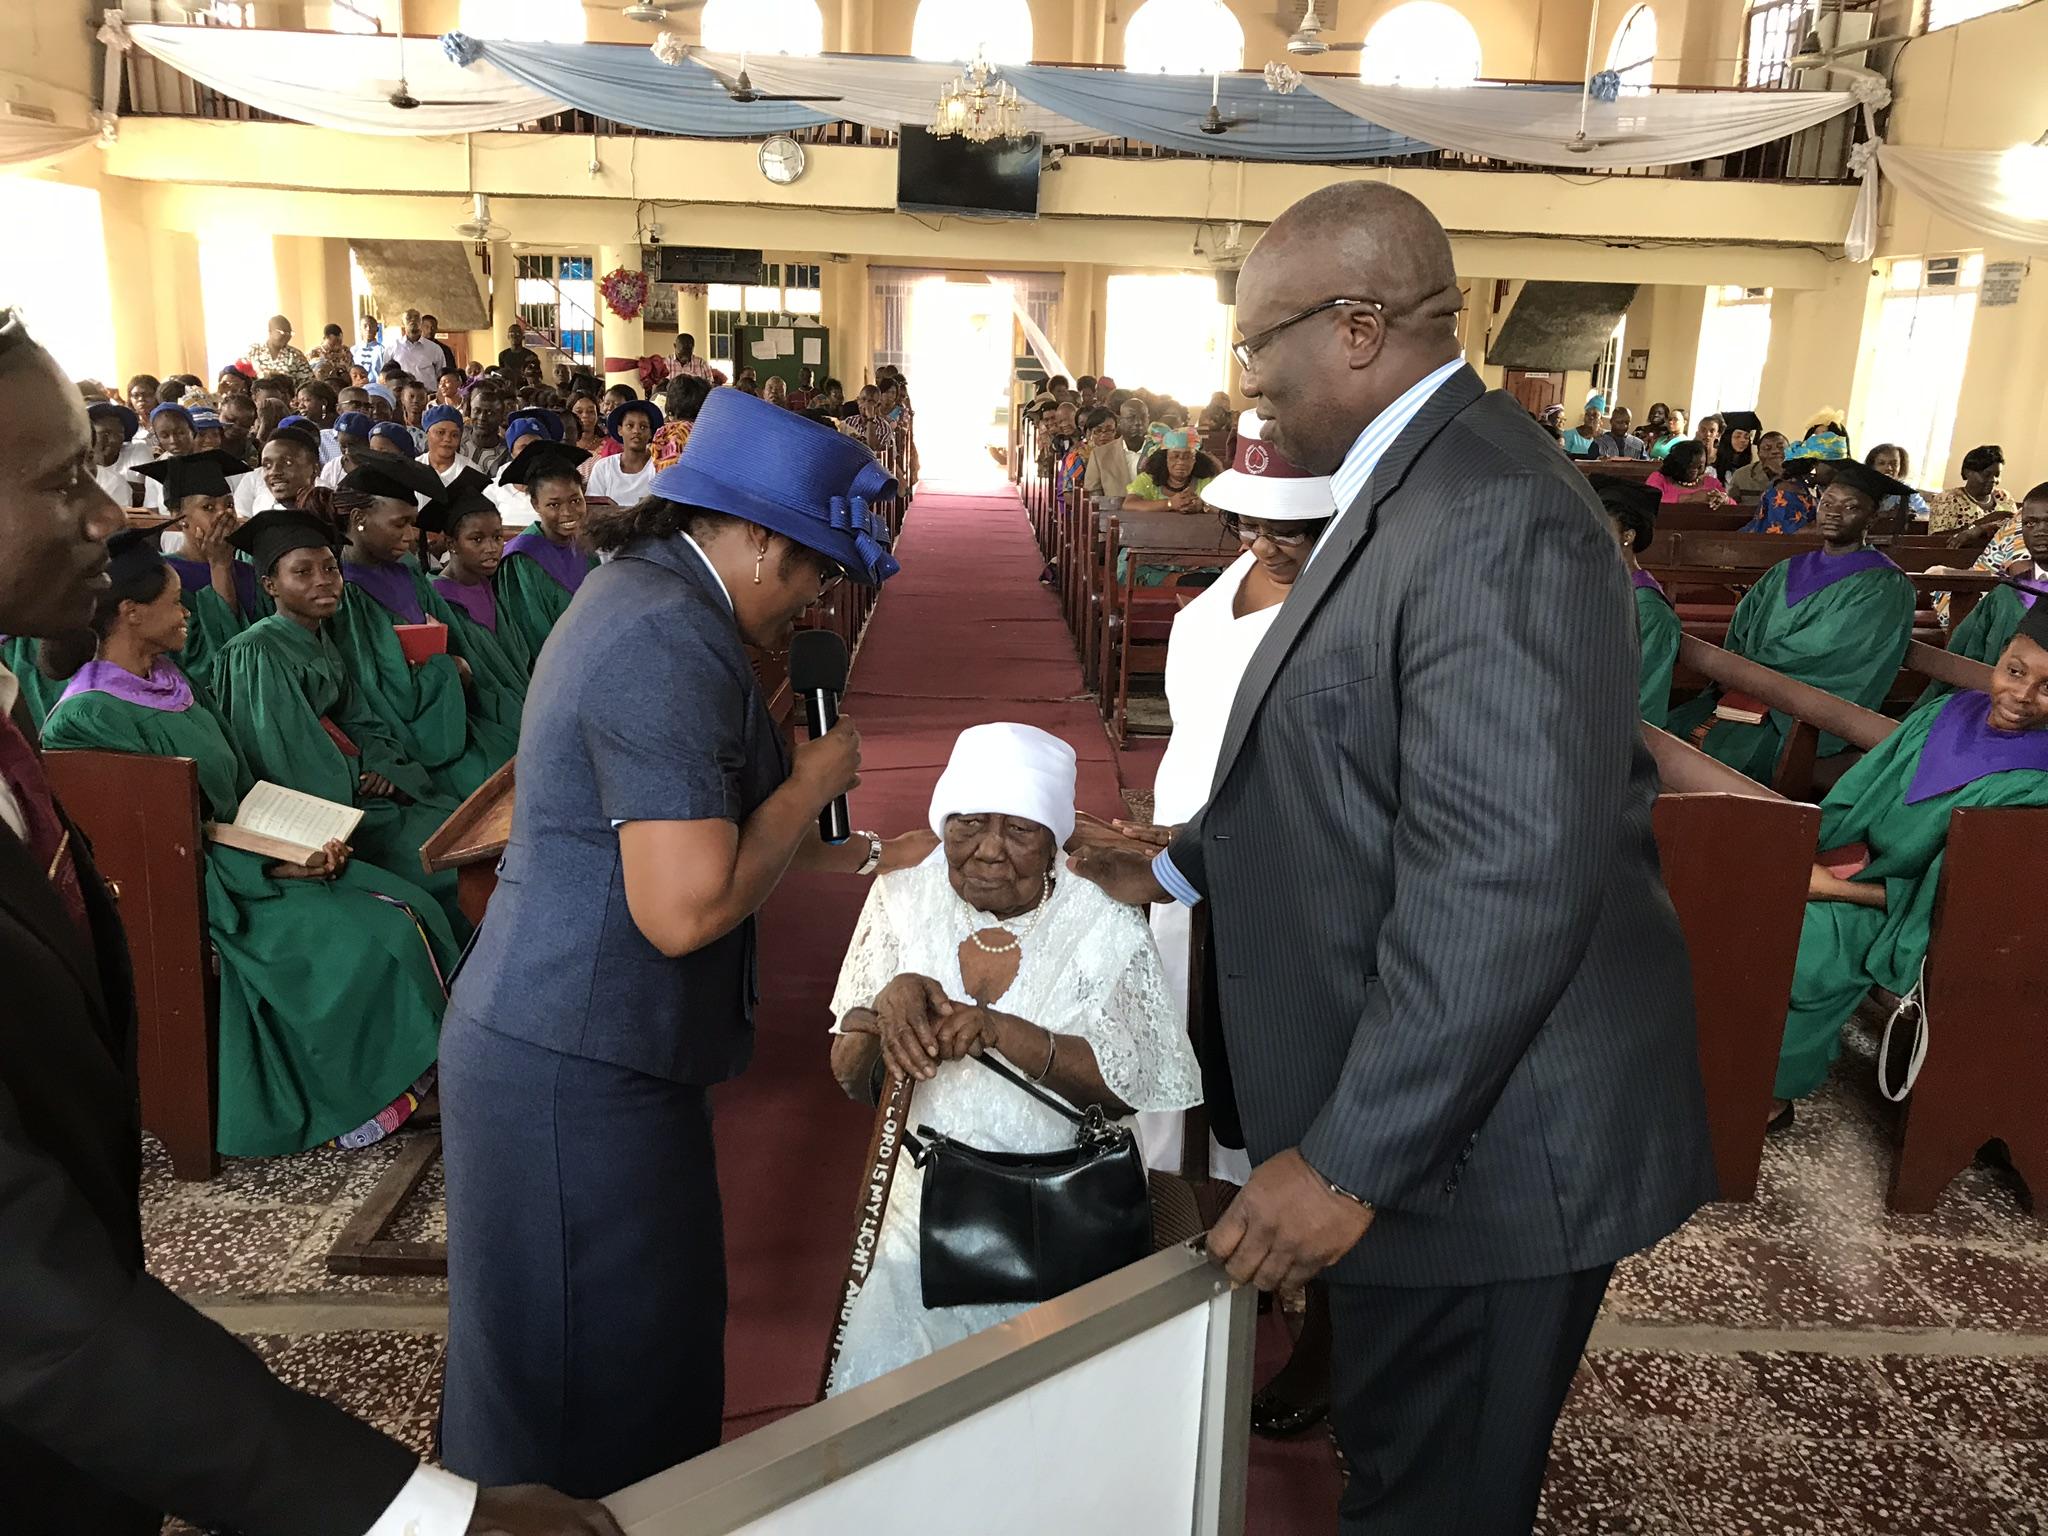 Rev. Daisy Gbloh, left, prays the blessing.